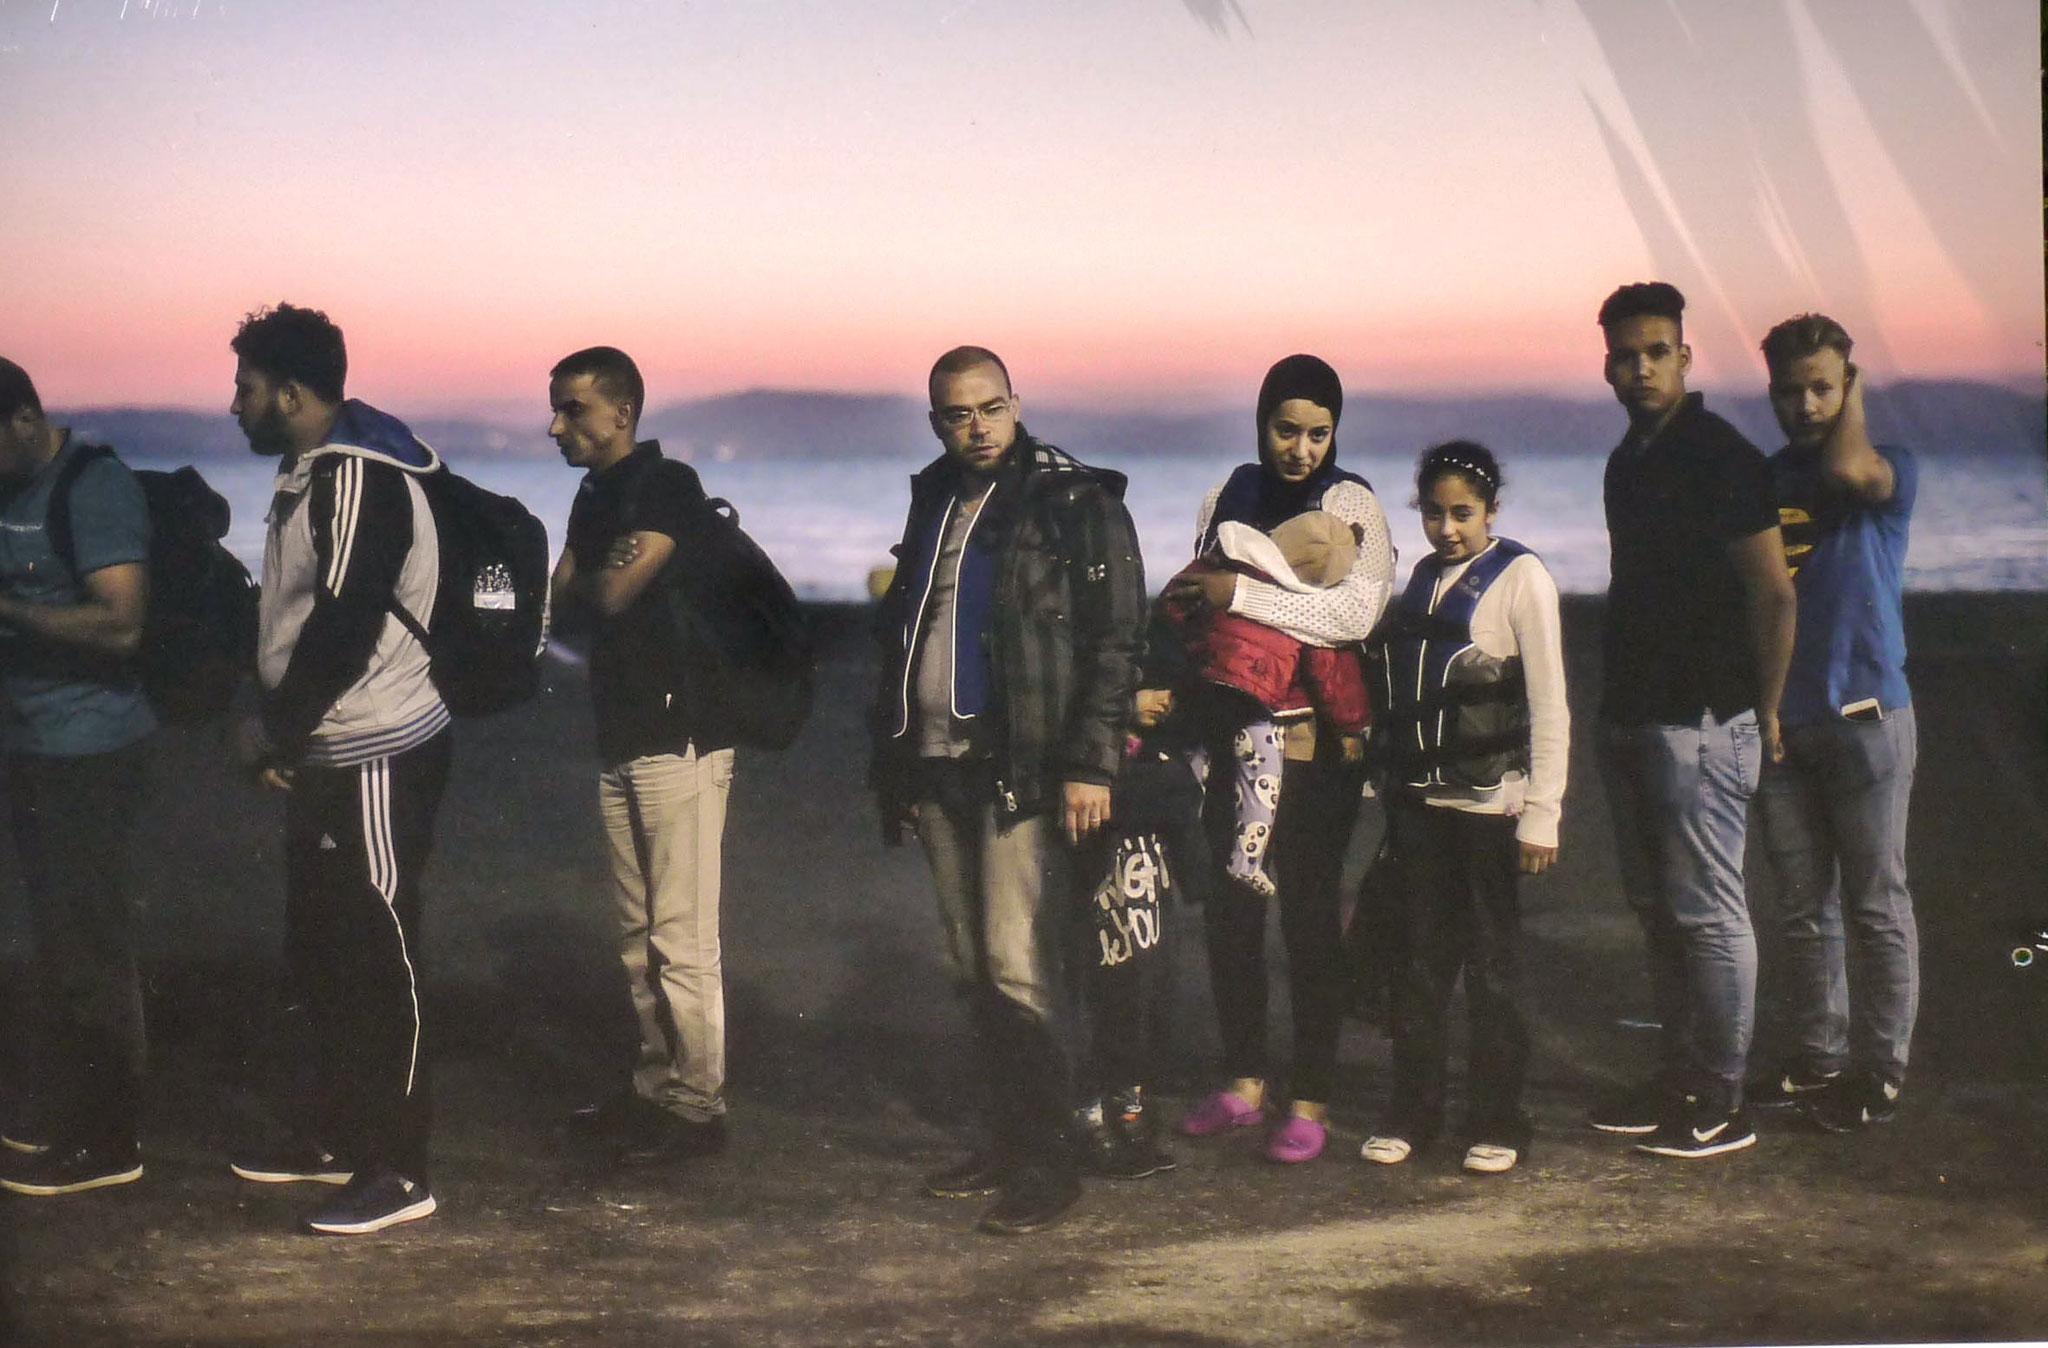 Des migrants, île de Kos en 2015 (photojournalismeXXI)